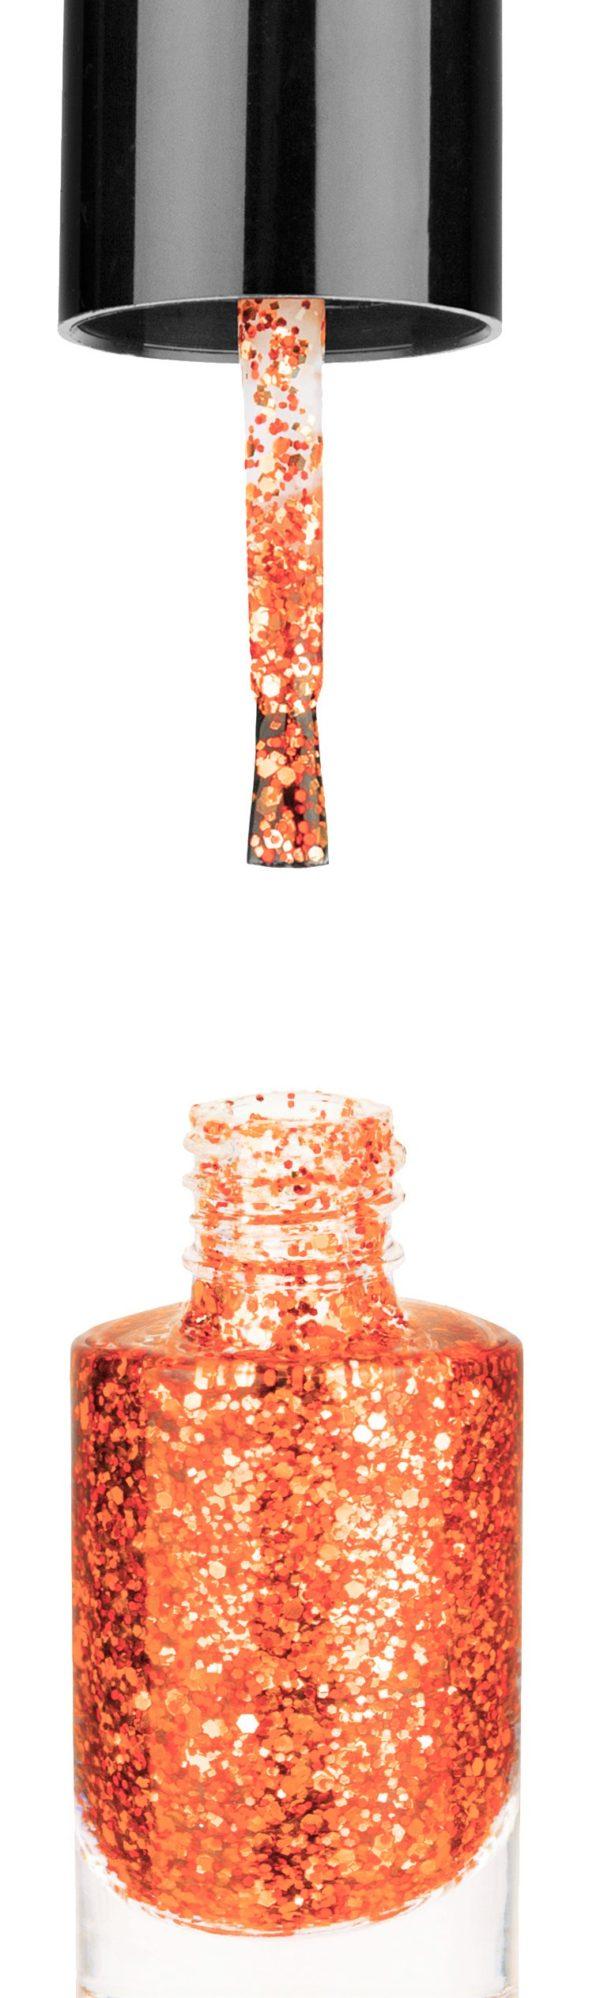 Smalto semipermanente Arancio Glitter